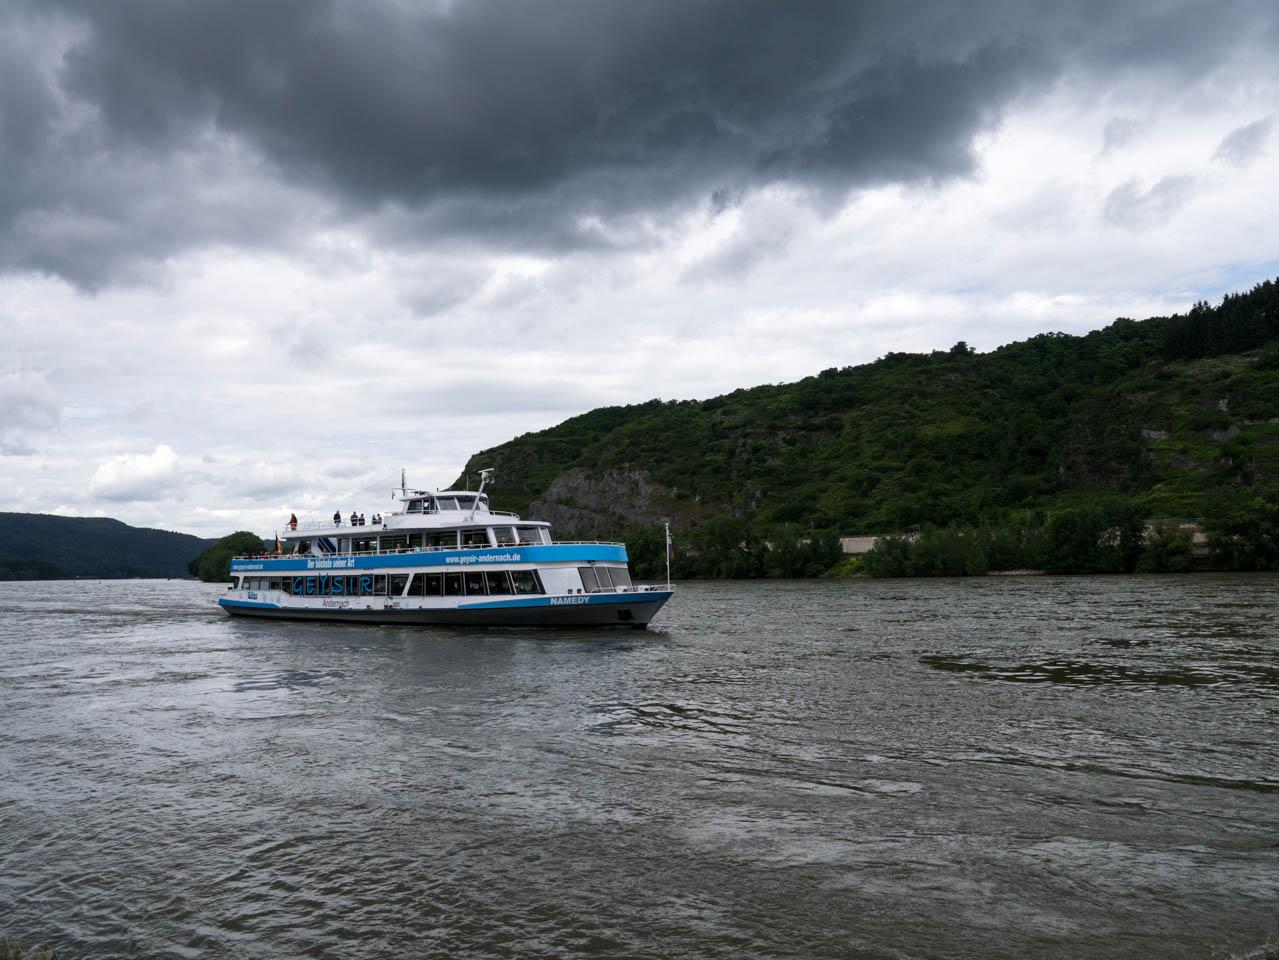 mit dem Schiff zum Geysir (1 von 1)